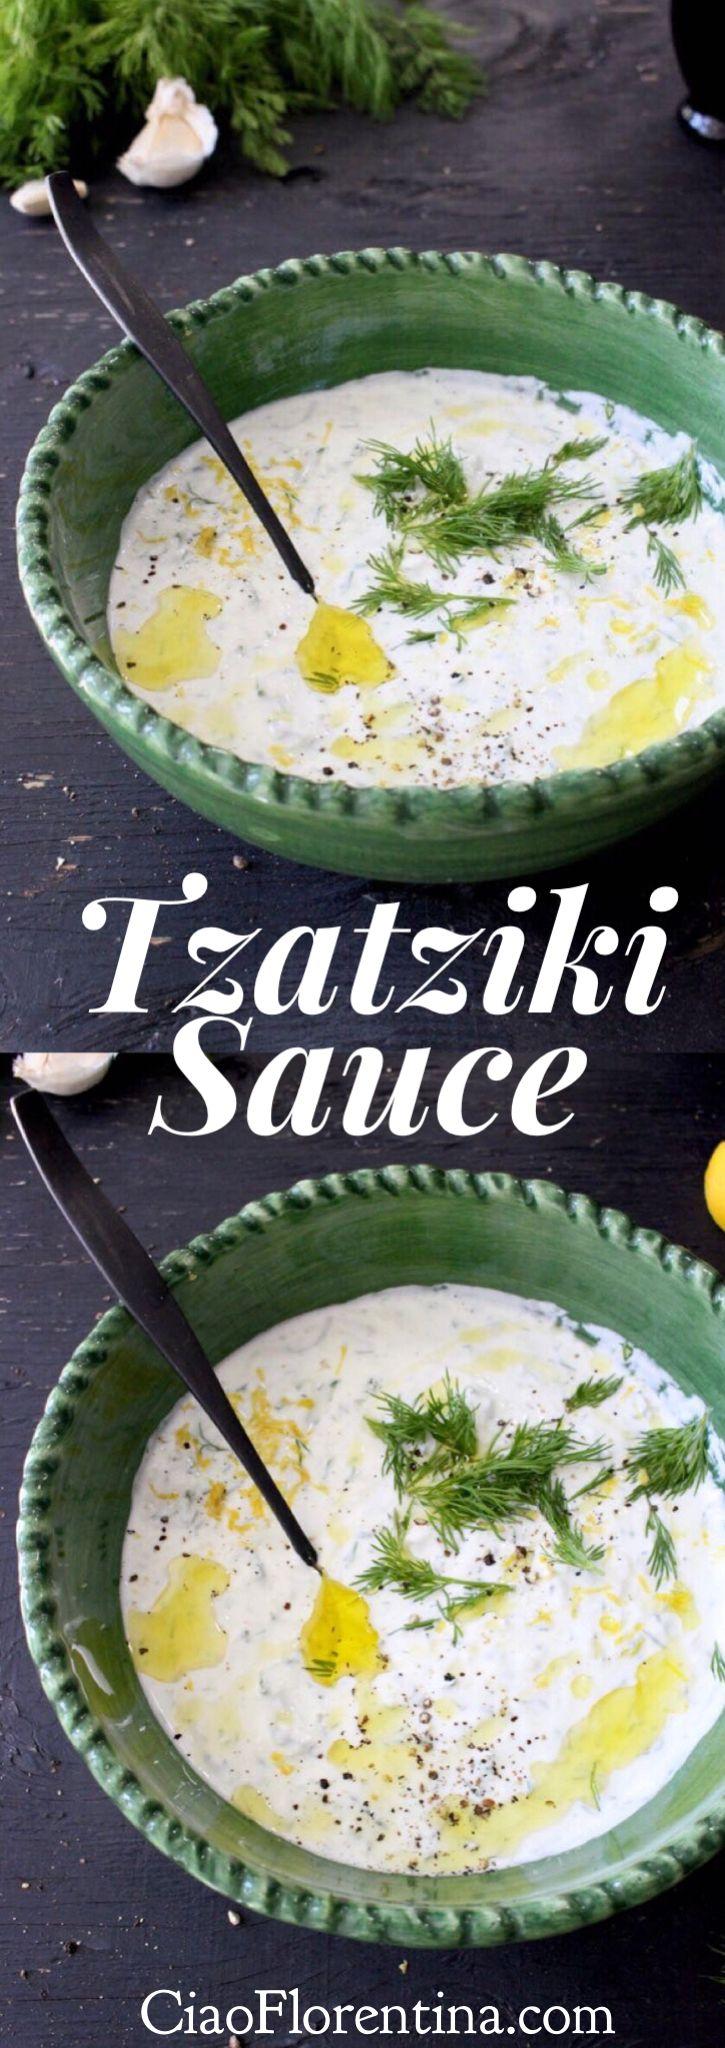 Tzatziki Sauce Recipe with Thick Greek Yogurt, Garlic, Cucumber and Lemon | CiaoFlorentina.com @CiaoFlorentina